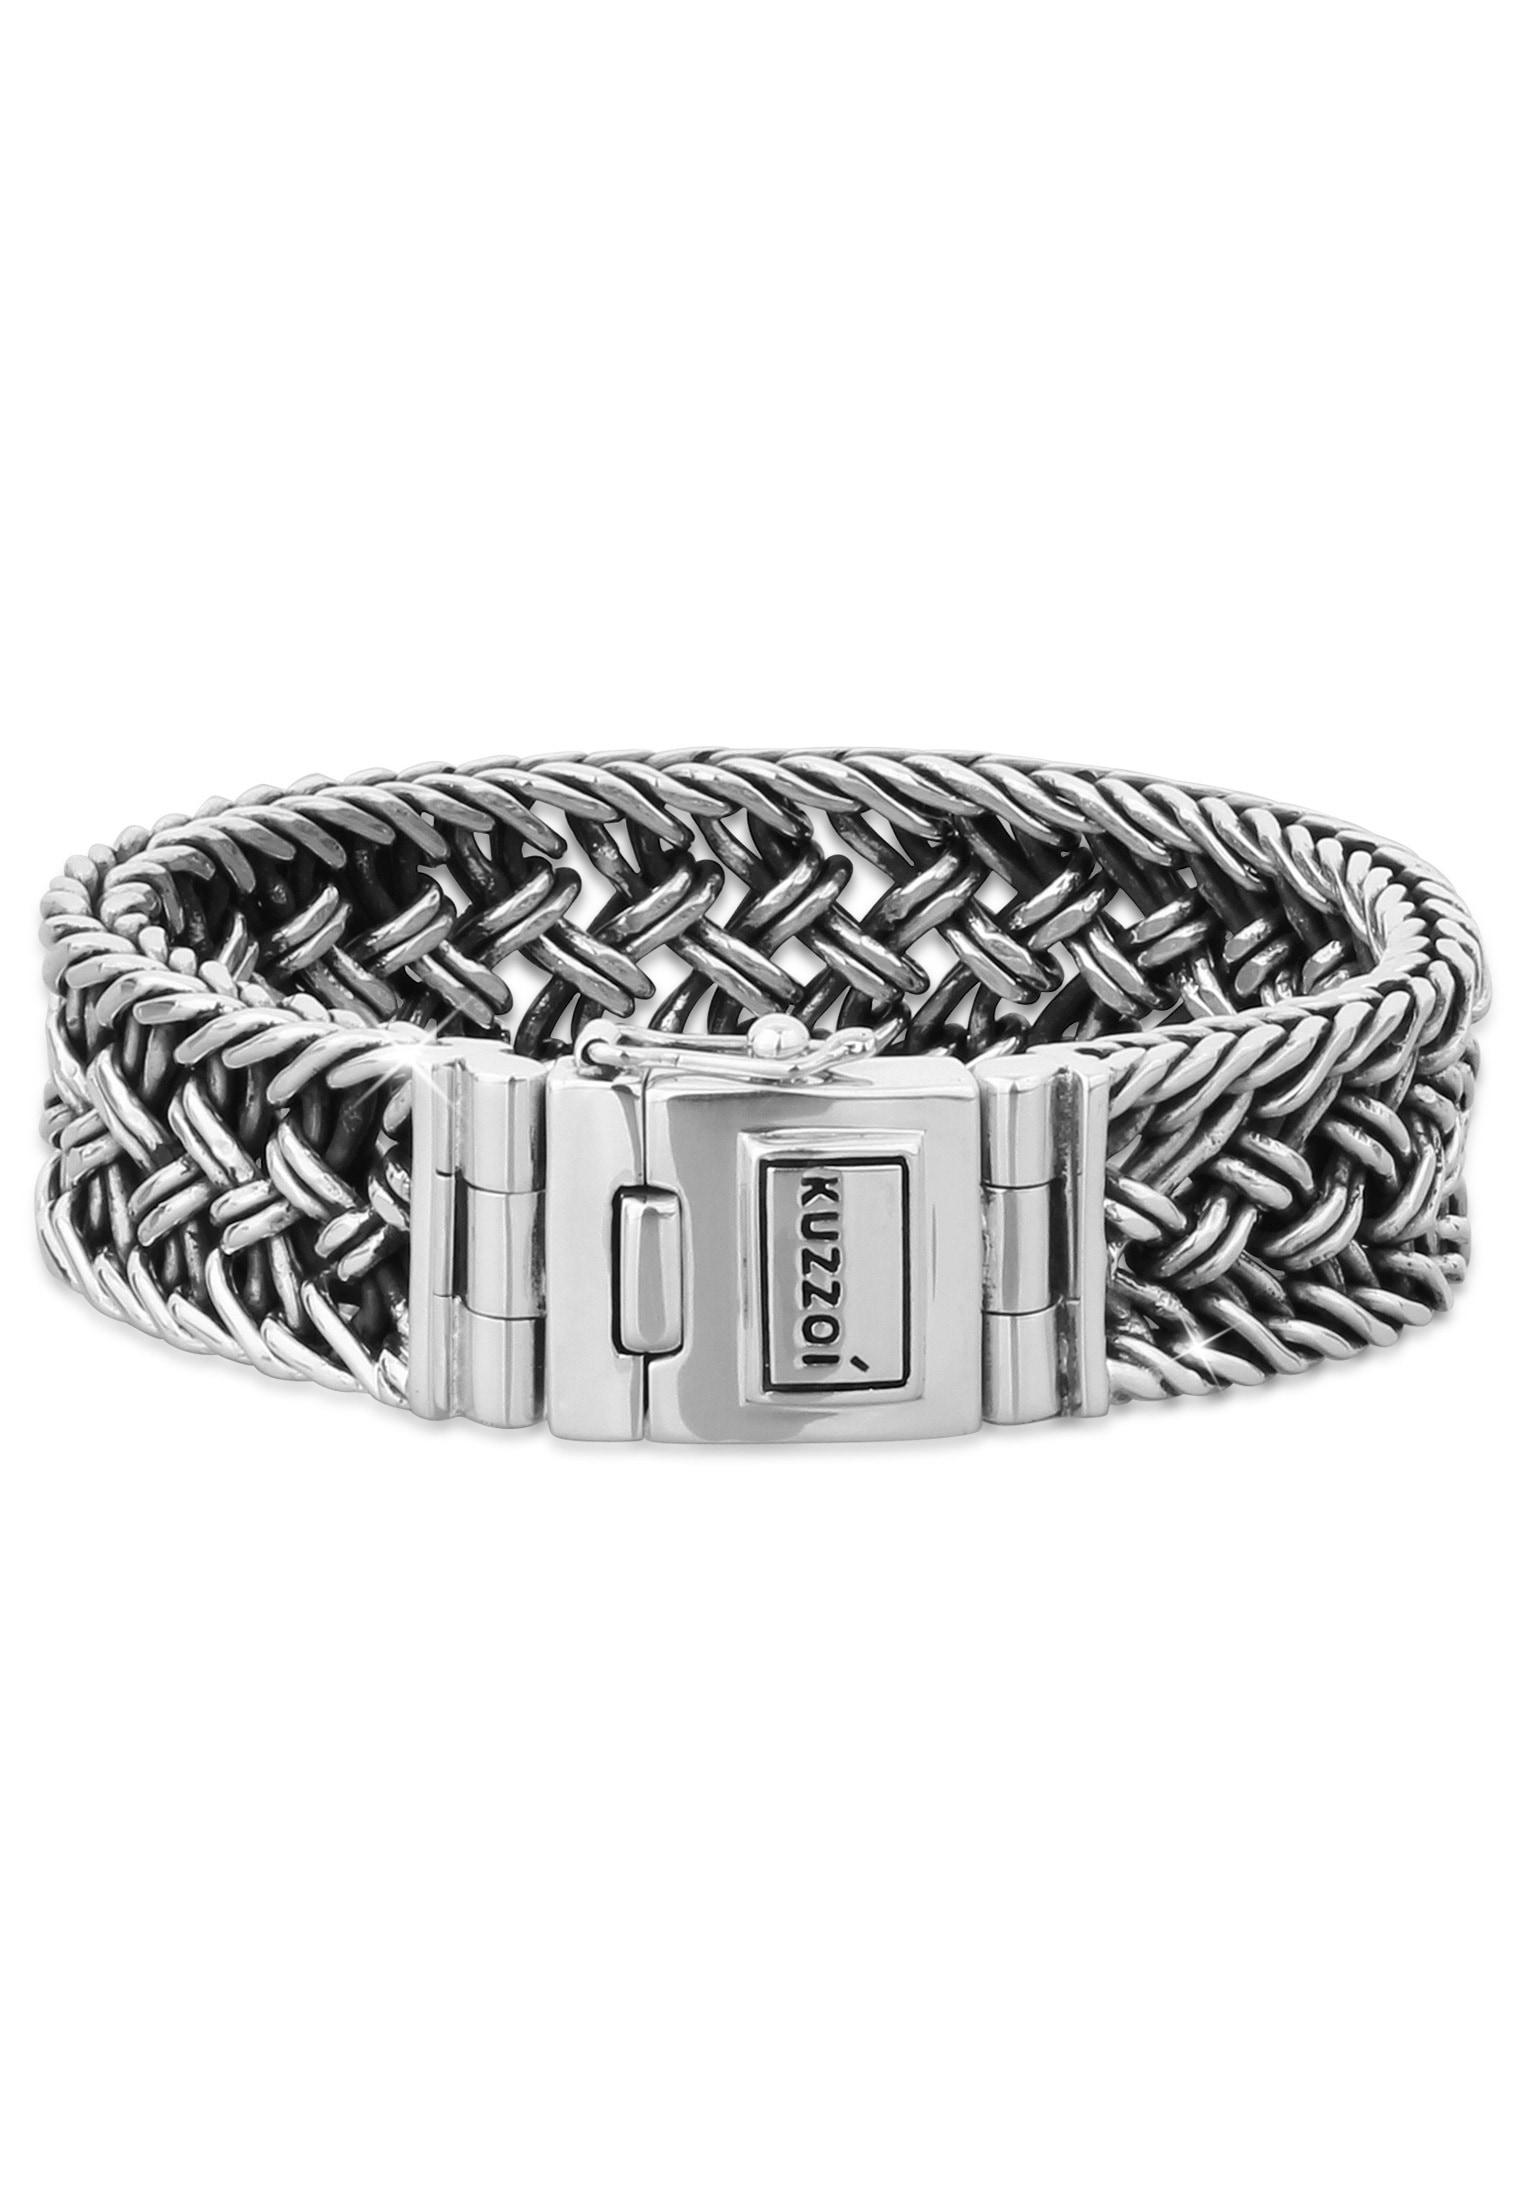 Kuzzoi Armband Herren Silber Maskulin Oberfläche oxidiert | Schmuck > Armbänder > Silberarmbänder | Kuzzoi